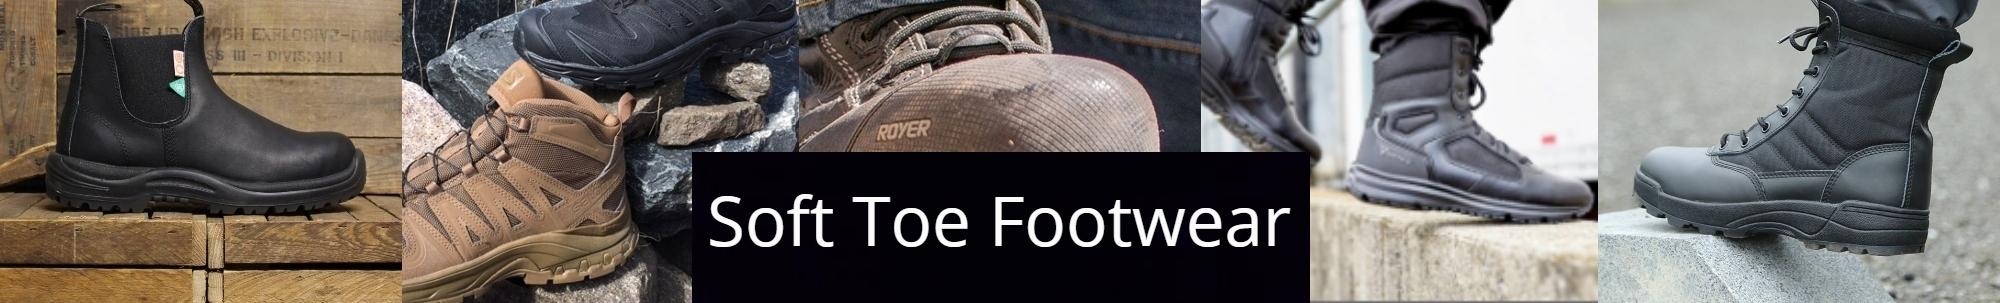 boots-malesoftFOOTWEAR144817.jpg